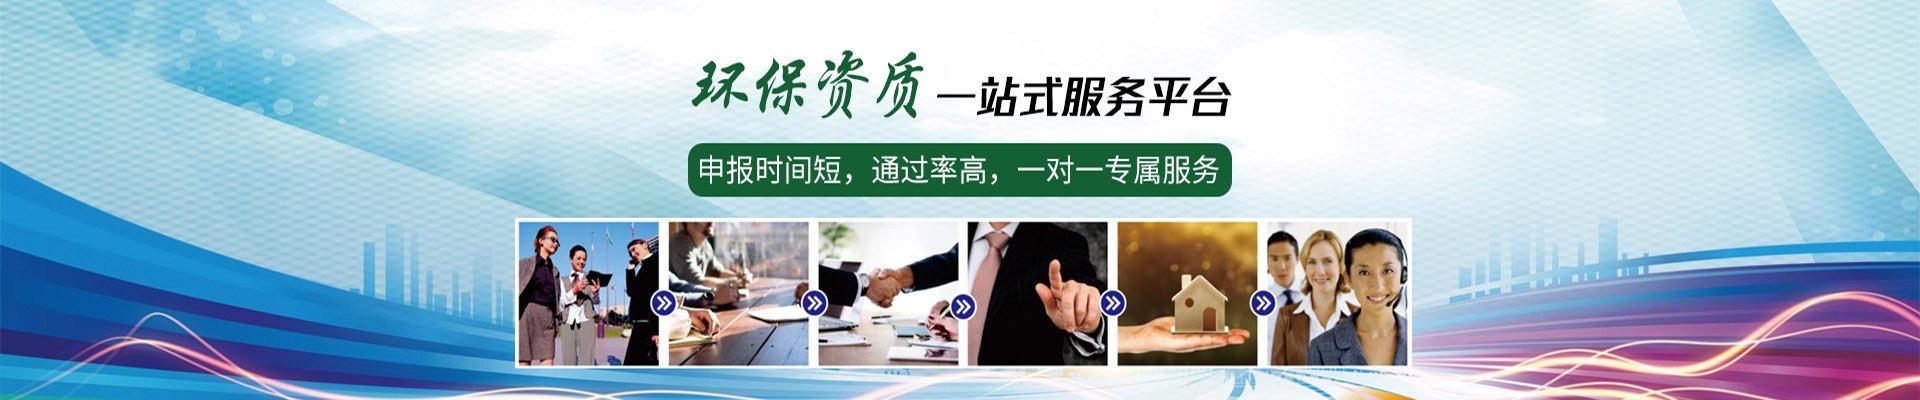 泰融环保公司,环保资质一站式服务平台